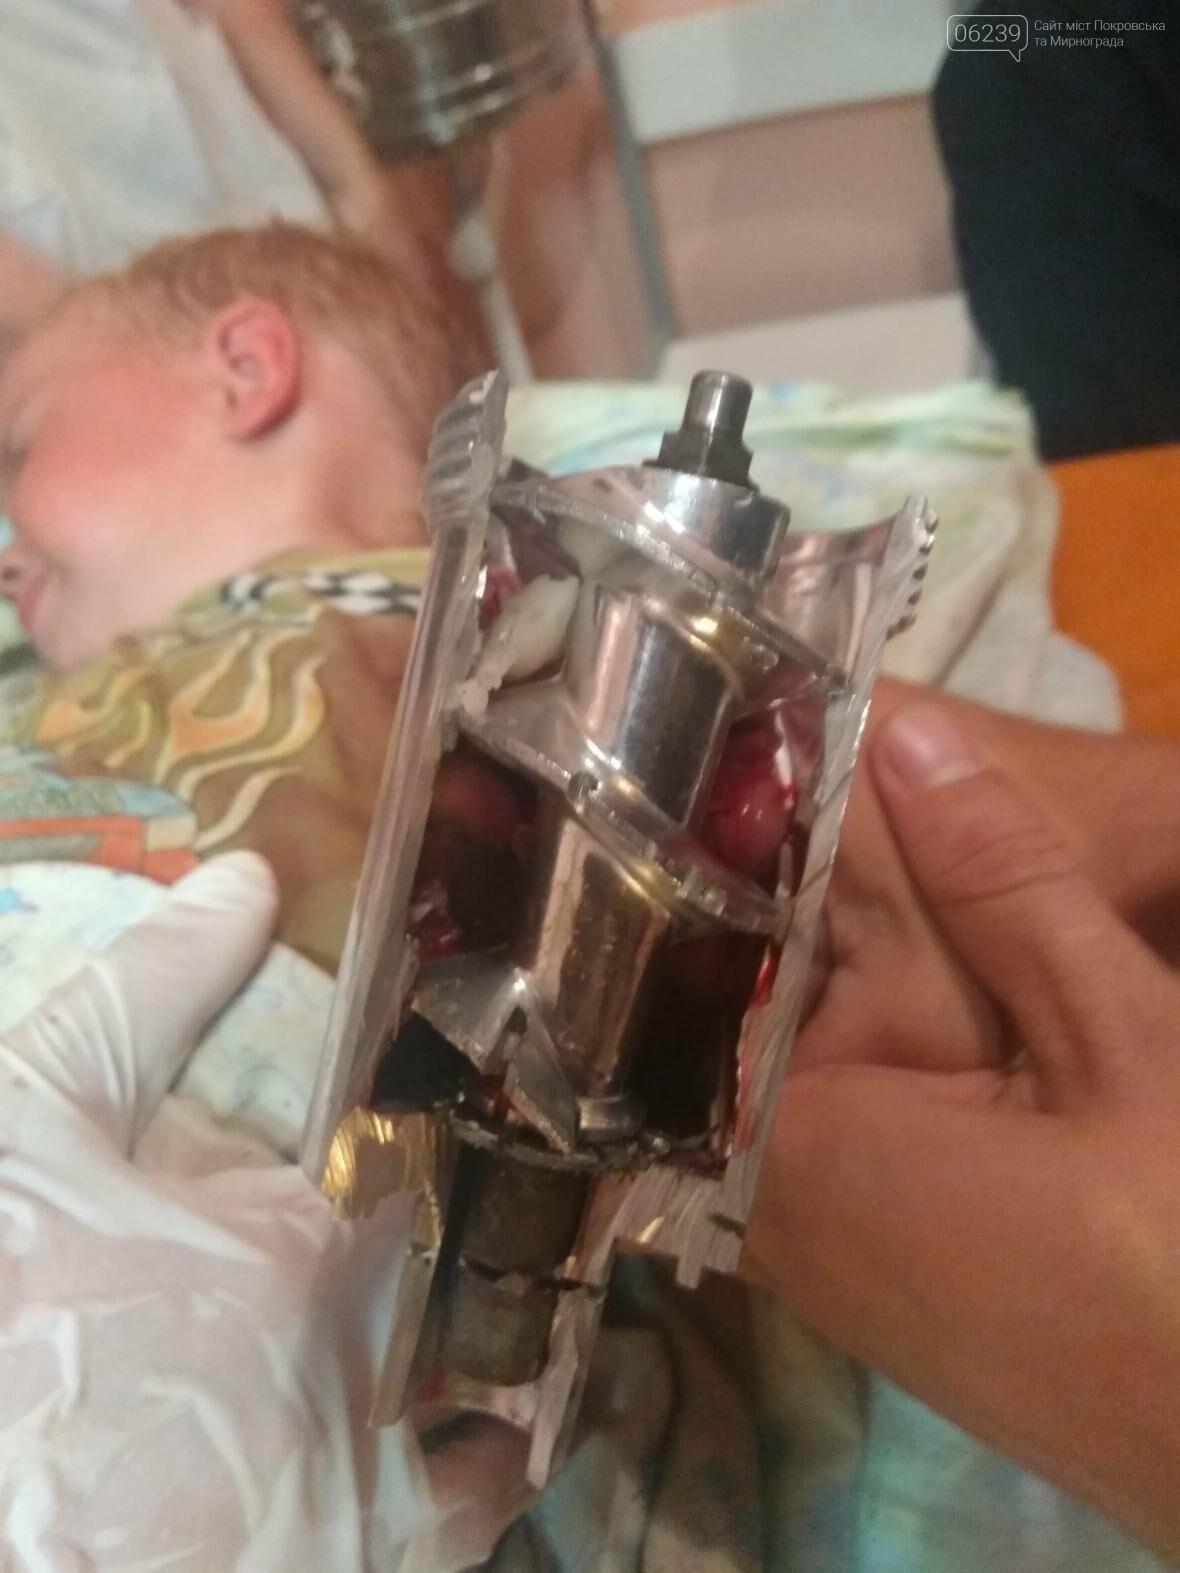 Двухлетний мальчик засунул руку в электрическую мясорубку, - Покровский отдел полиции, фото-1